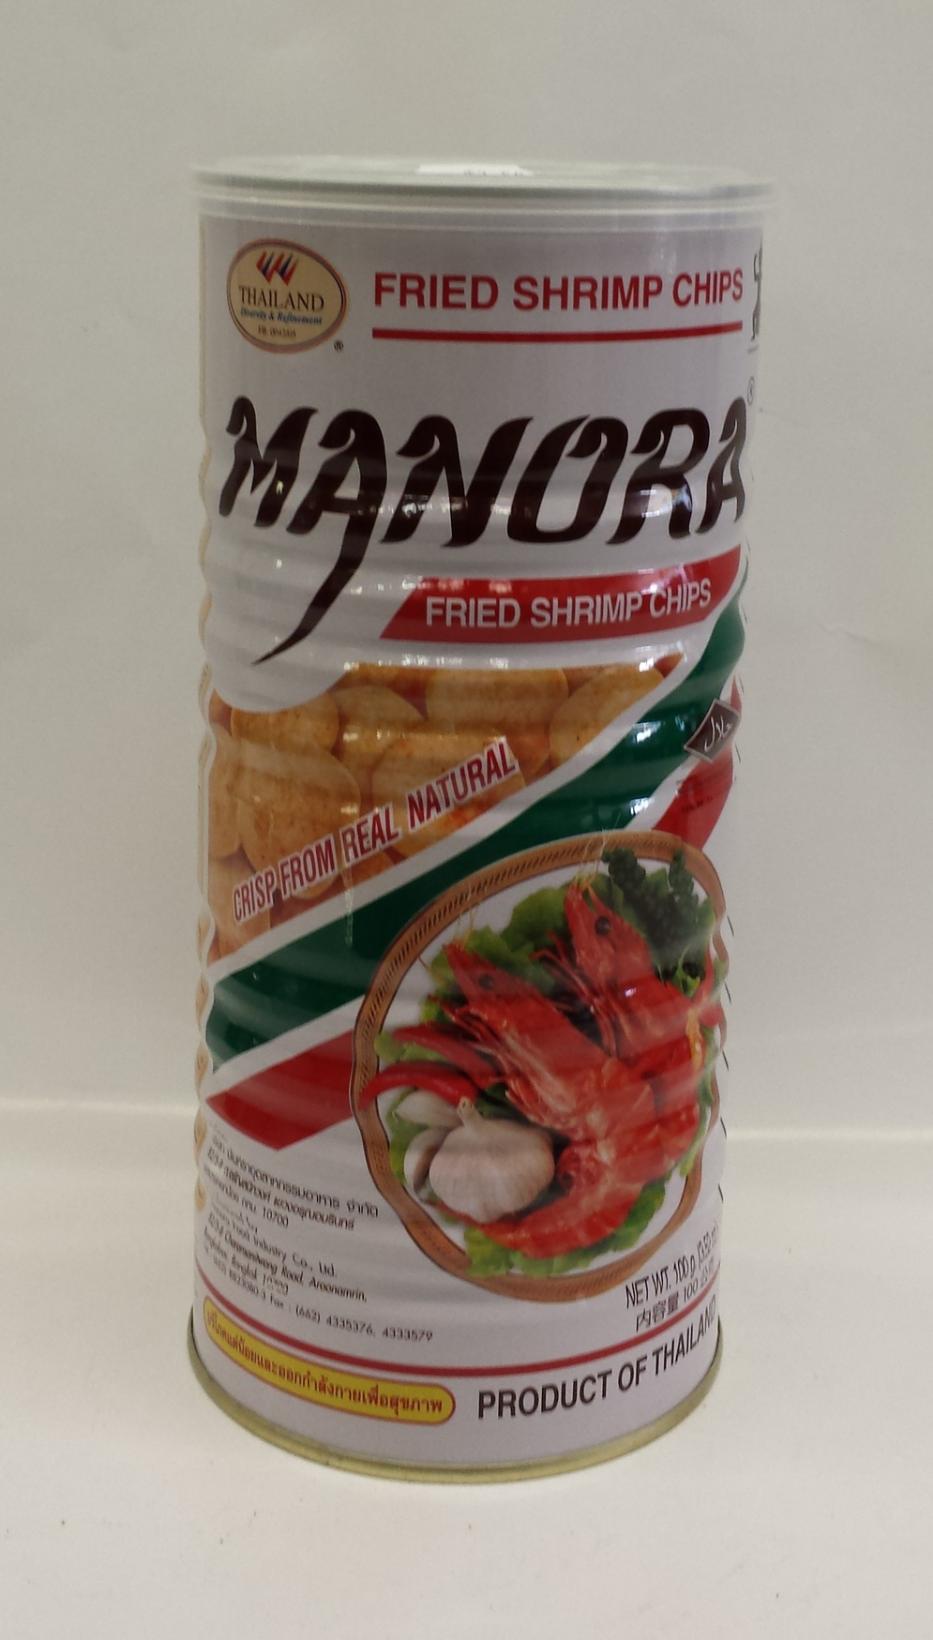 Shrimp Chip   Manora   SHM2015 12x3.8 oz